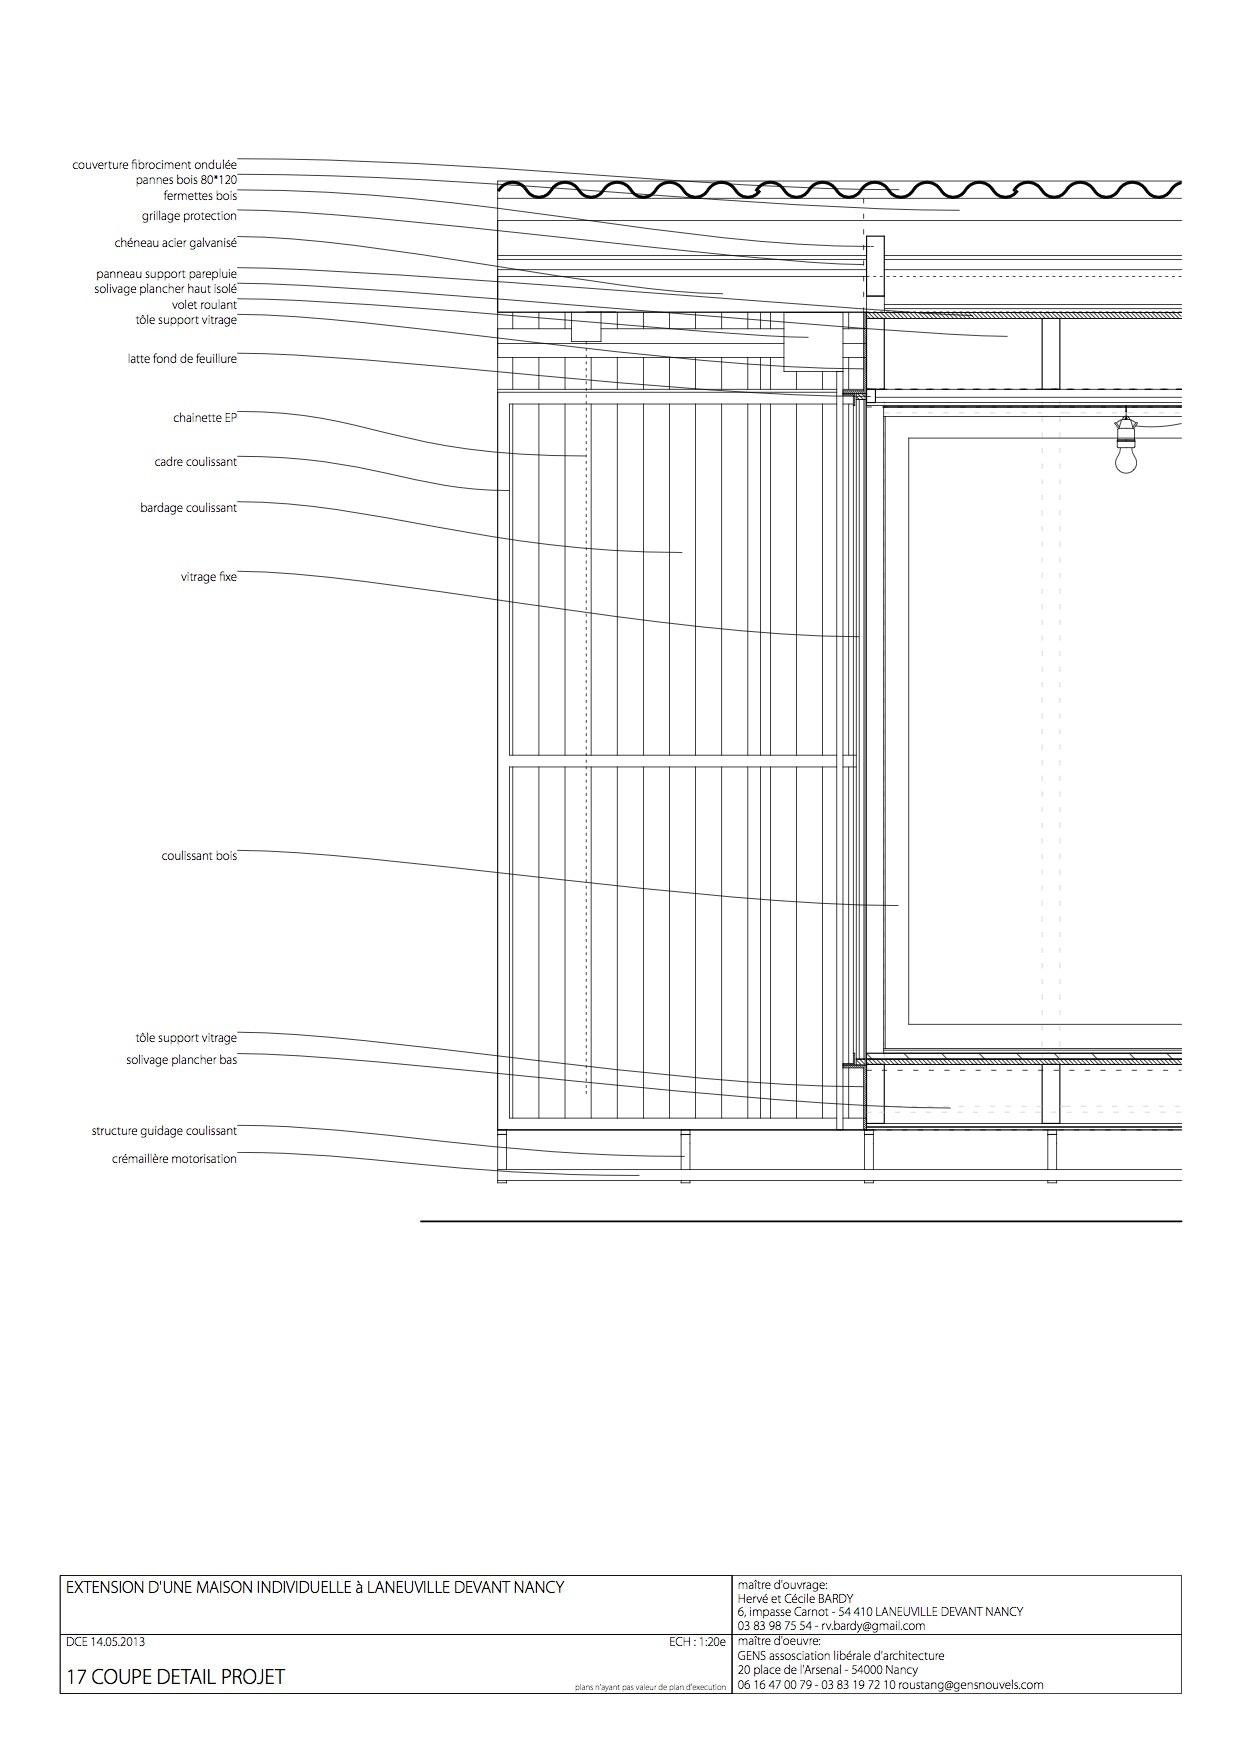 Plan de coupe de maison cheap coupe with plan de coupe de - Application pour faire des plans de maison ...